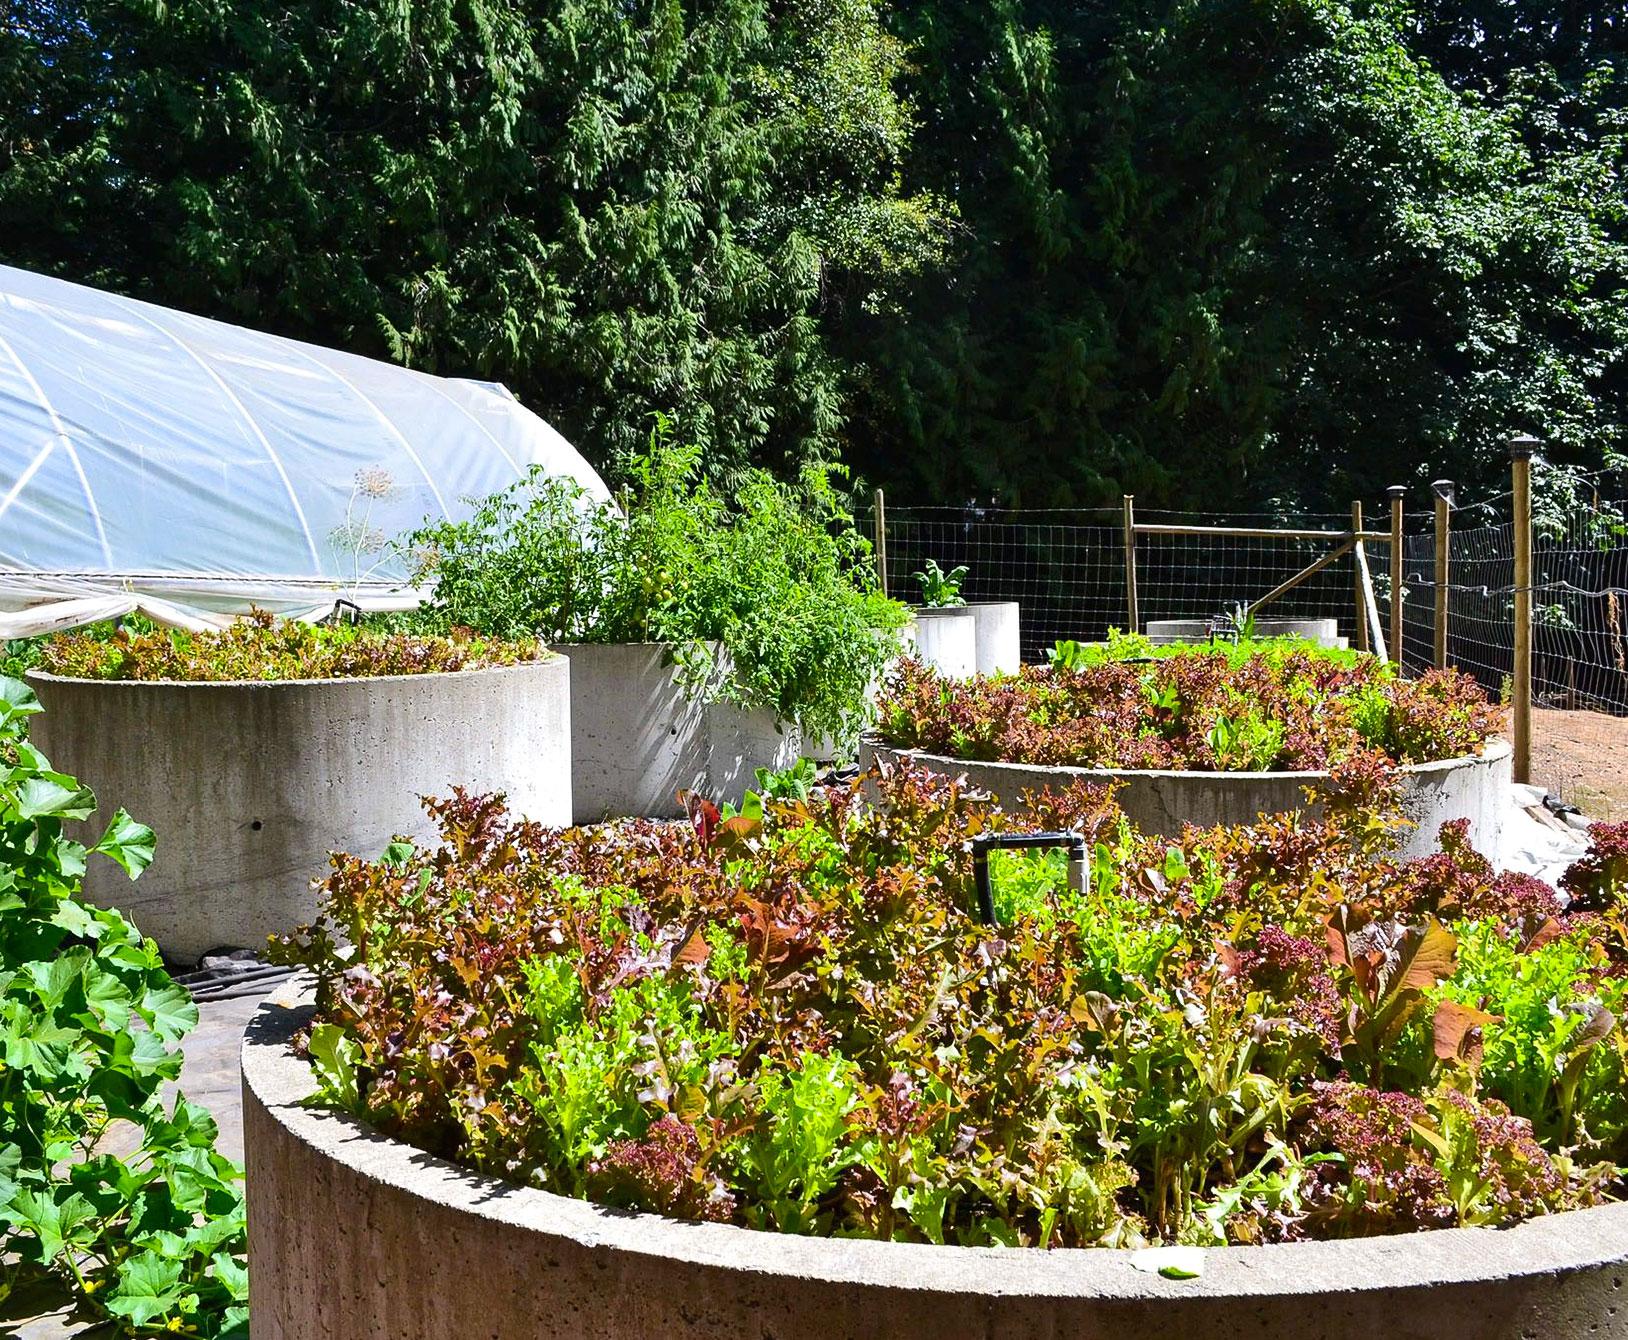 Farm Table Inn Featured Farm Garden